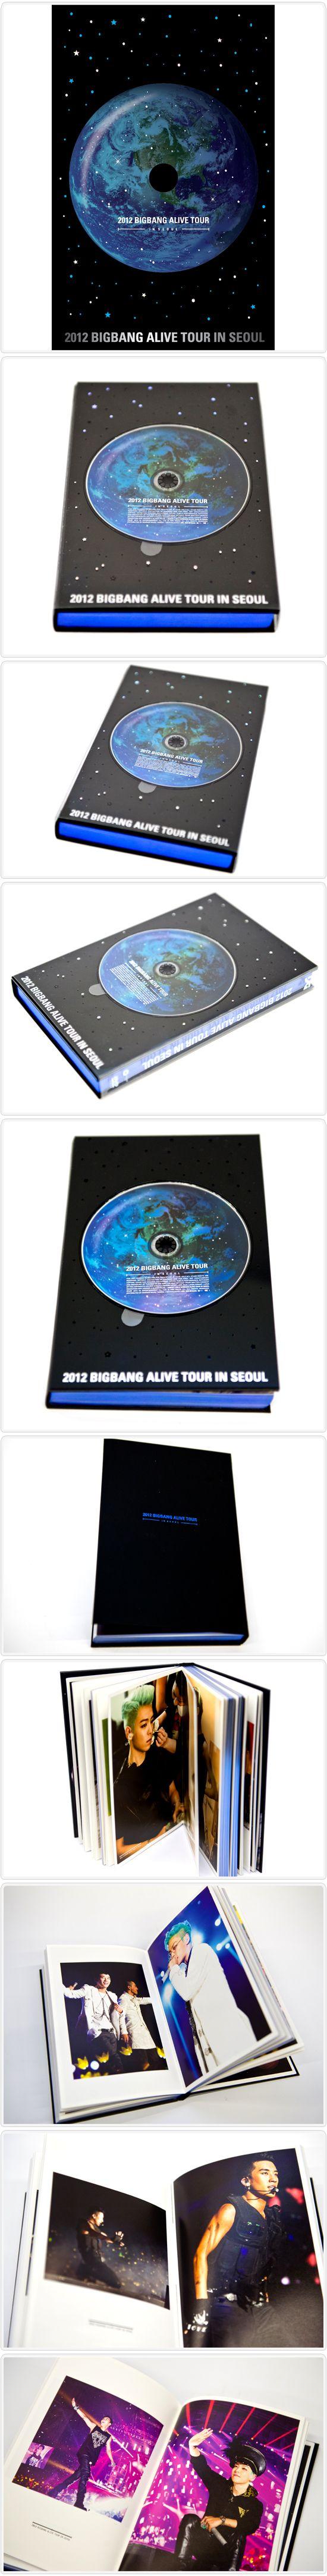 2012 BIGBANG LIVE CONCERT DVD [ALIVE TOUR IN SEOUL] K-POP New&Sealed